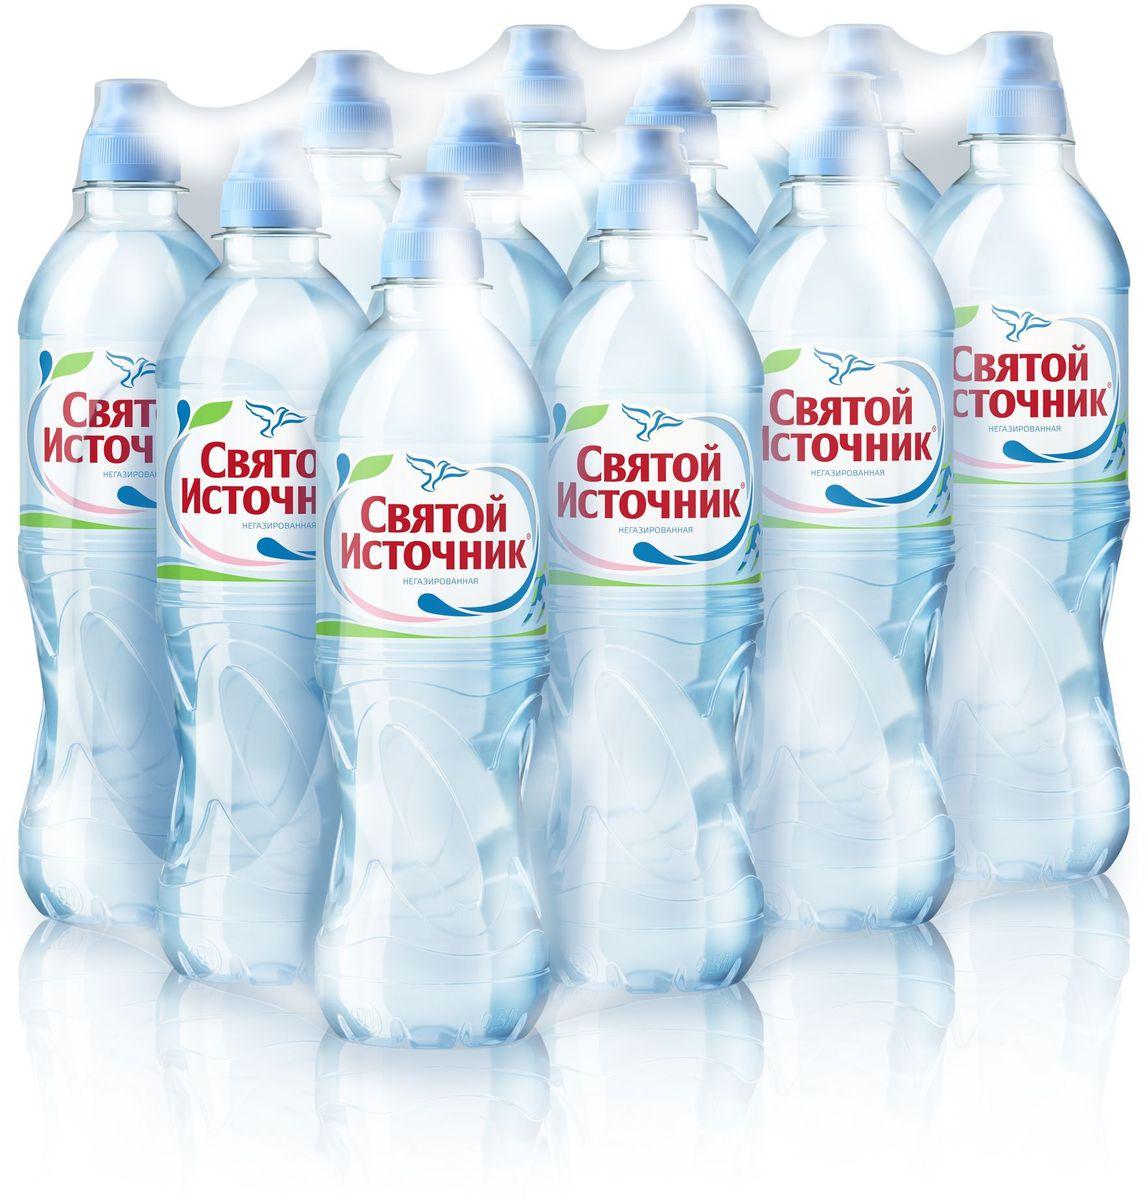 СвятойИсточник вода Спортприродная питьевая негазированная, 12 шт по 0,5 л вода святой источник спортик негазированная